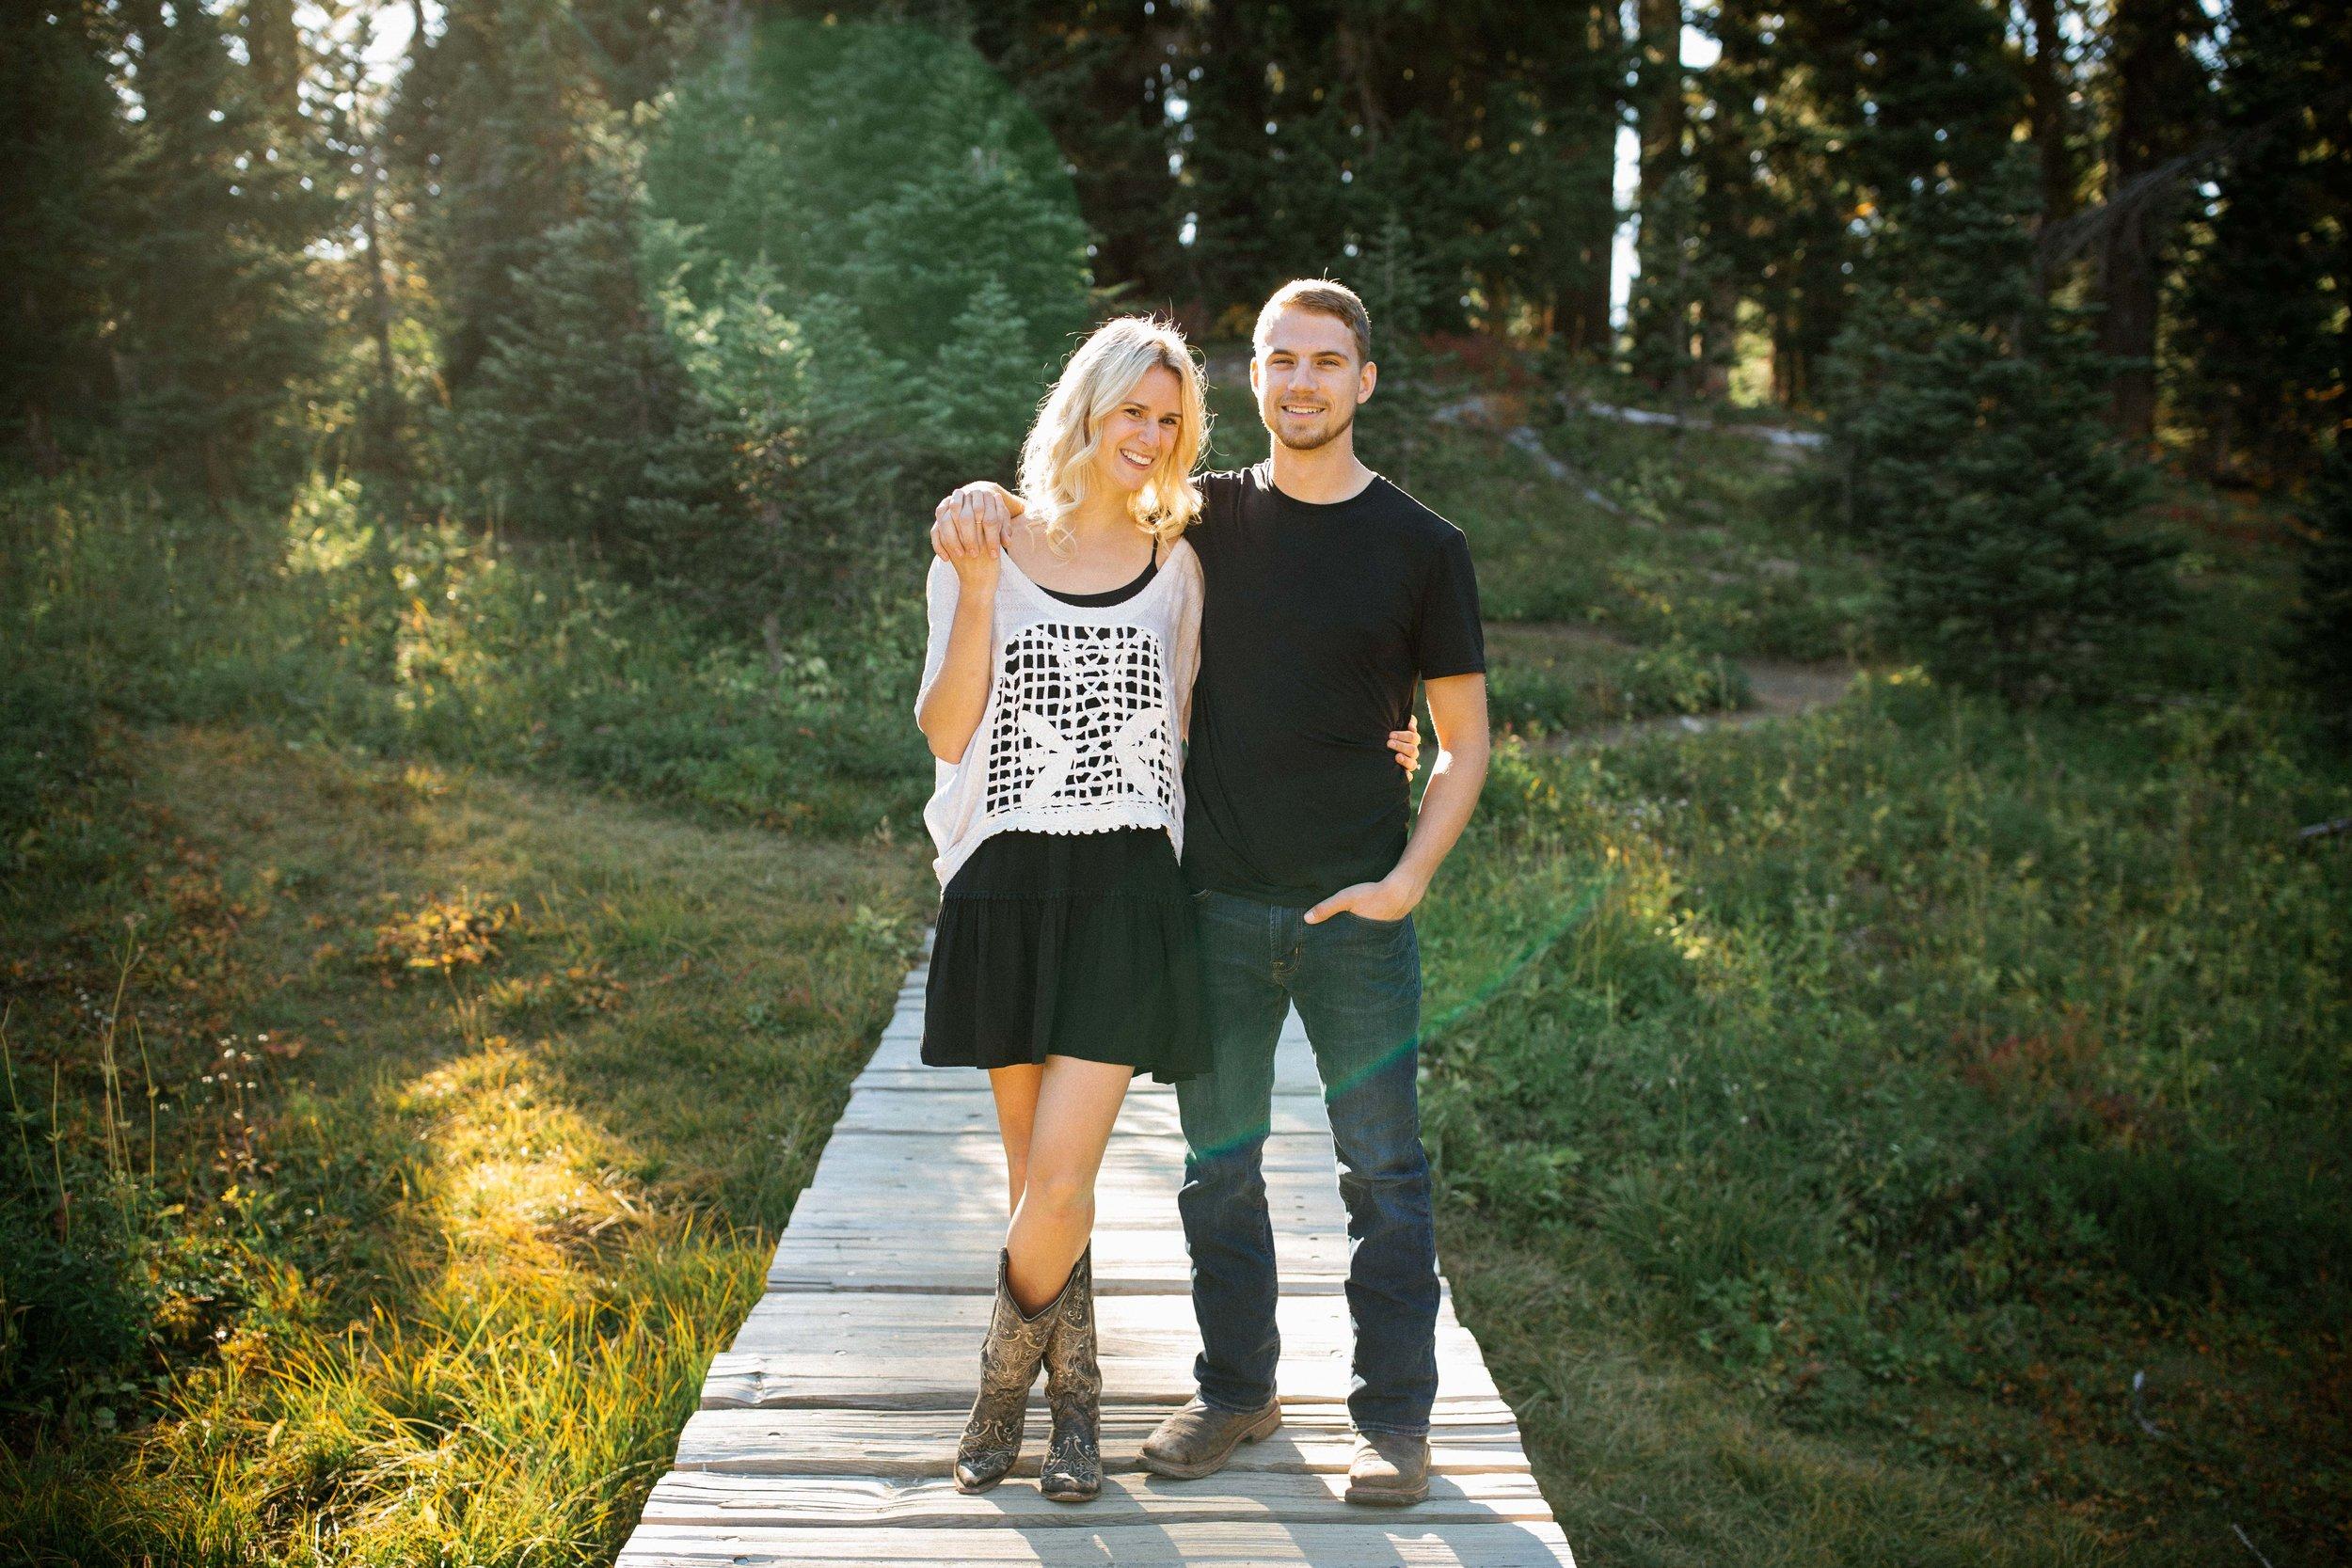 Alexis&Kyle-Engaged!BLOG-6.jpg